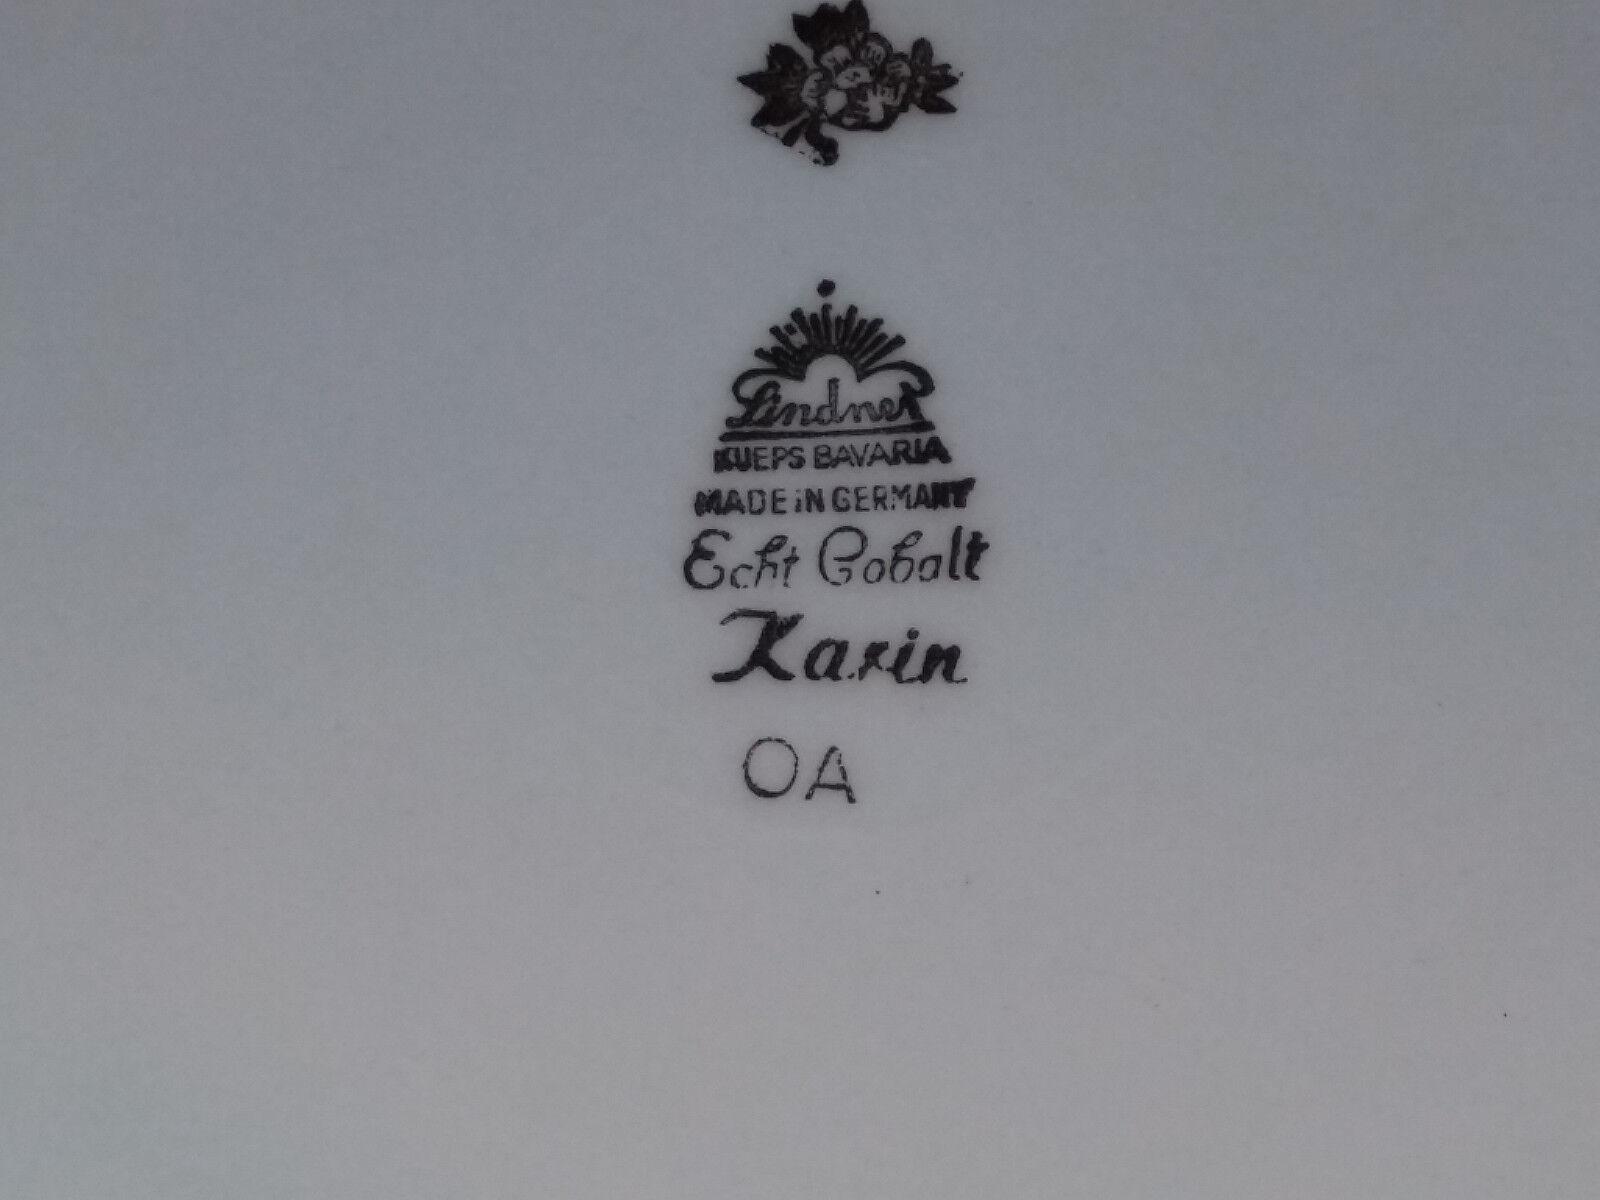 lindner k ps bavaria schaleteller echt cobalt 28 cm eur 14 90 picclick de. Black Bedroom Furniture Sets. Home Design Ideas